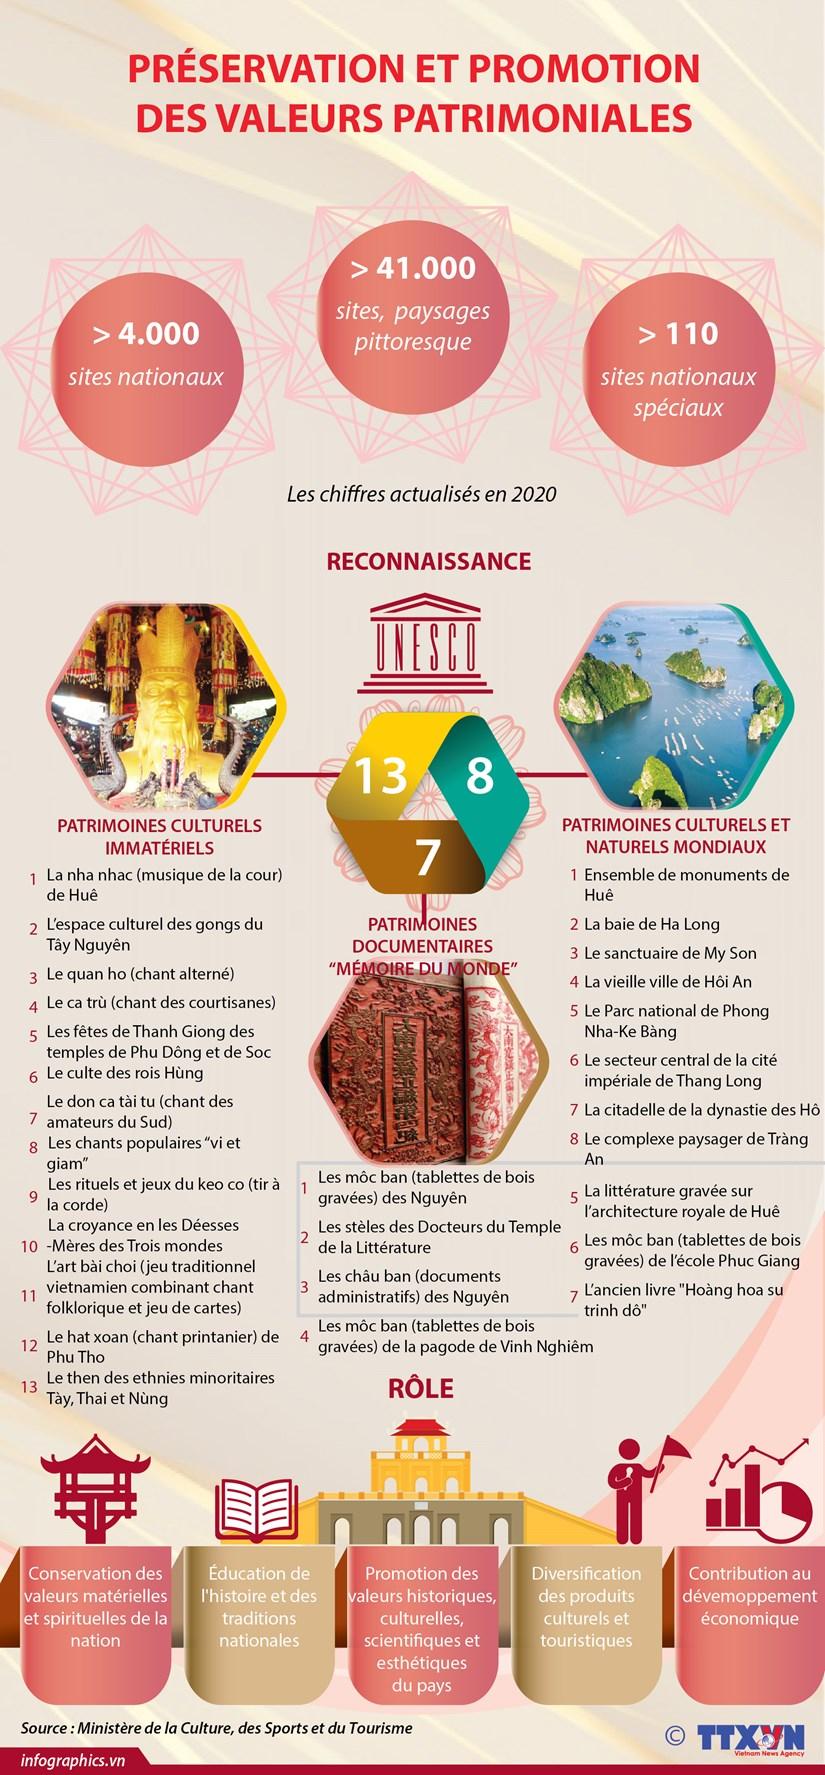 Preservation et promotion des valeurs patrimoniales hinh anh 1